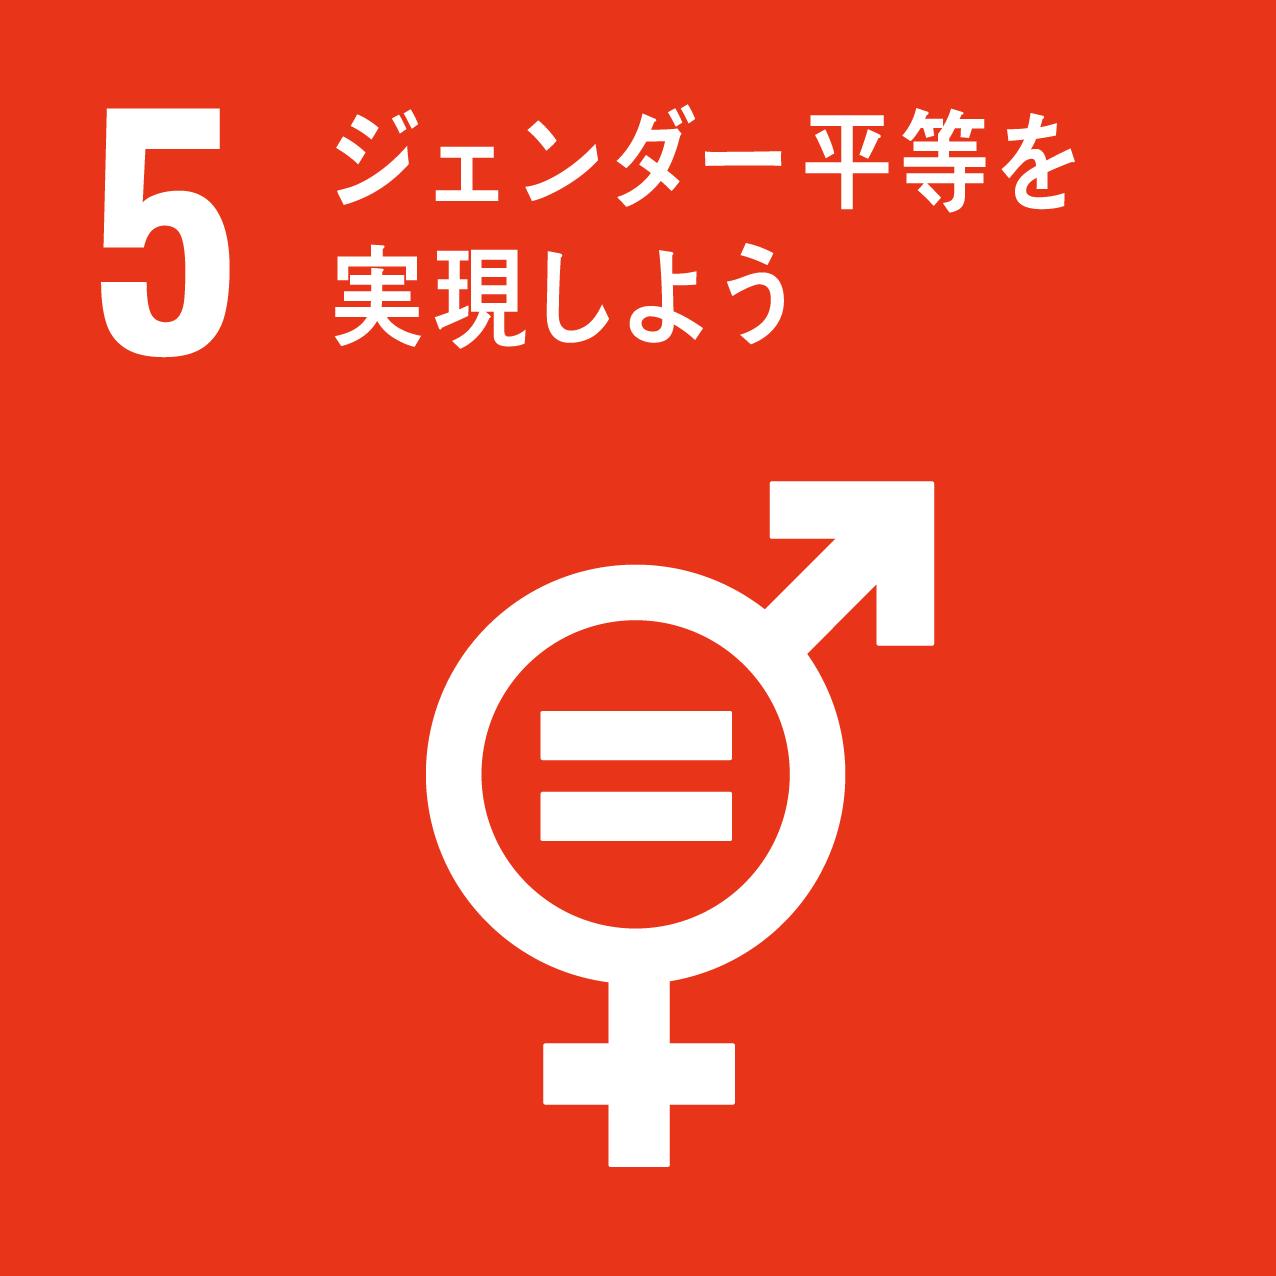 5 ジェンダー平等